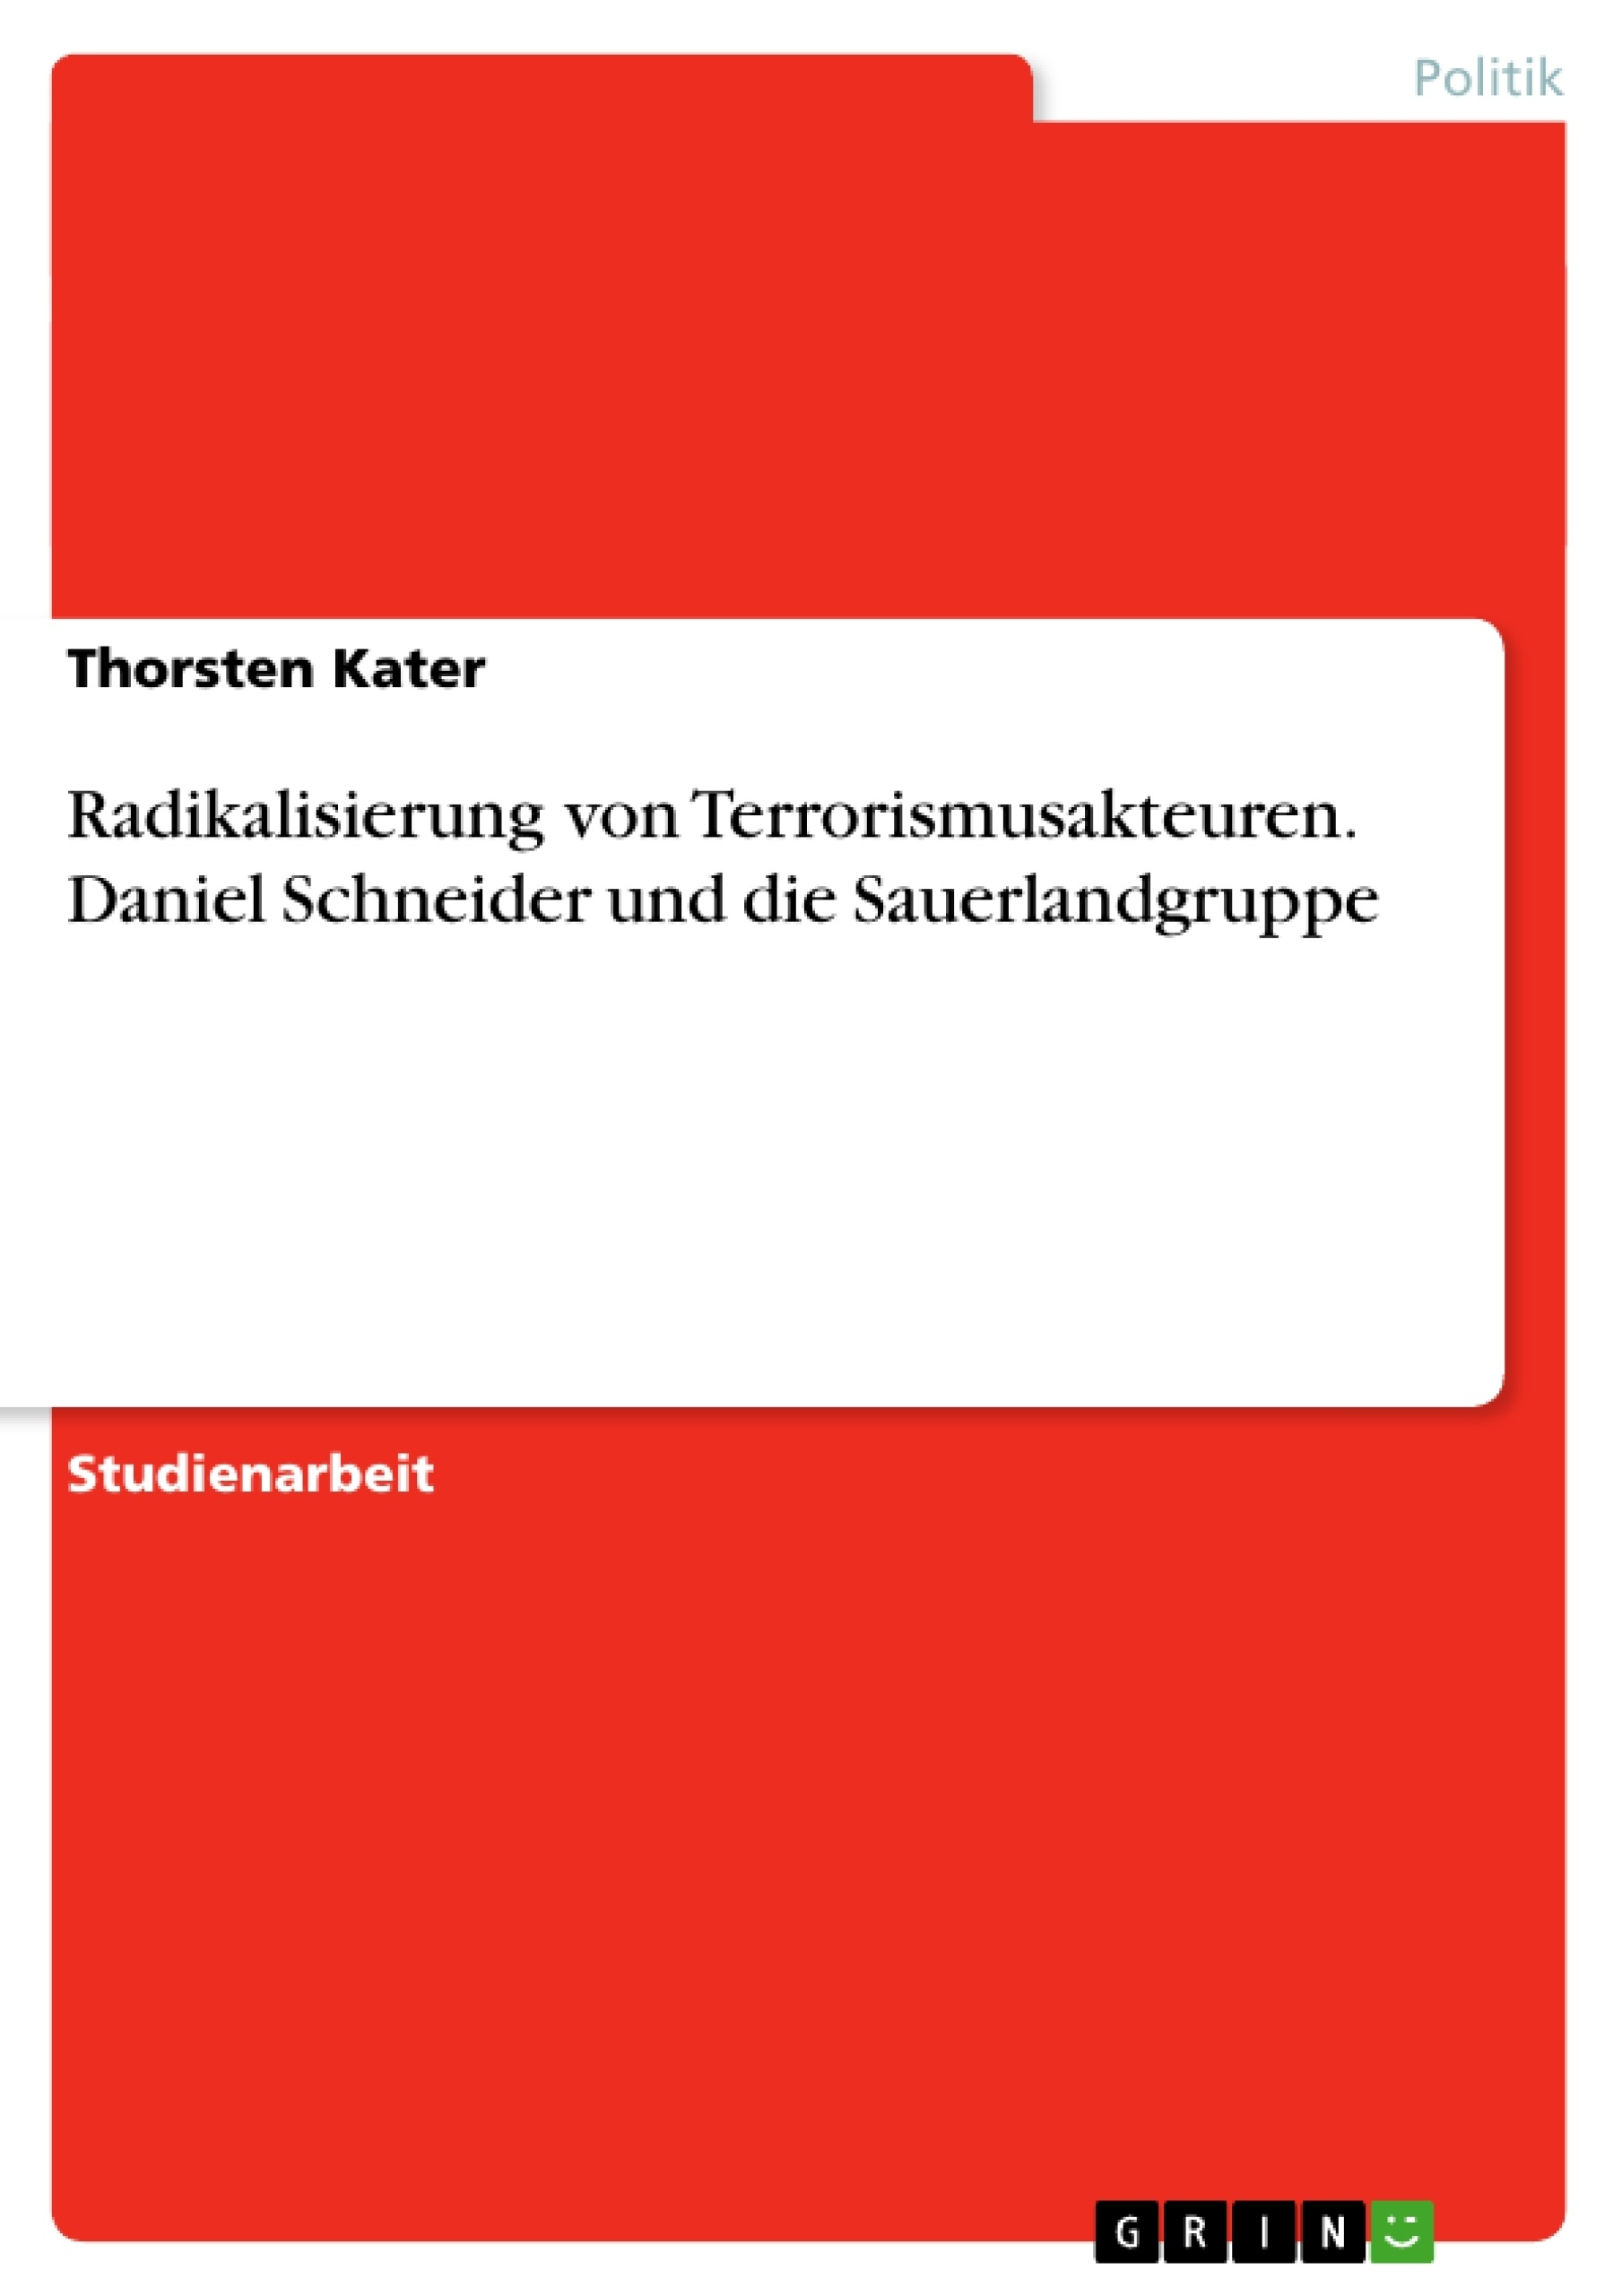 Titel: Radikalisierung von Terrorismusakteuren. Daniel Schneider und die Sauerlandgruppe